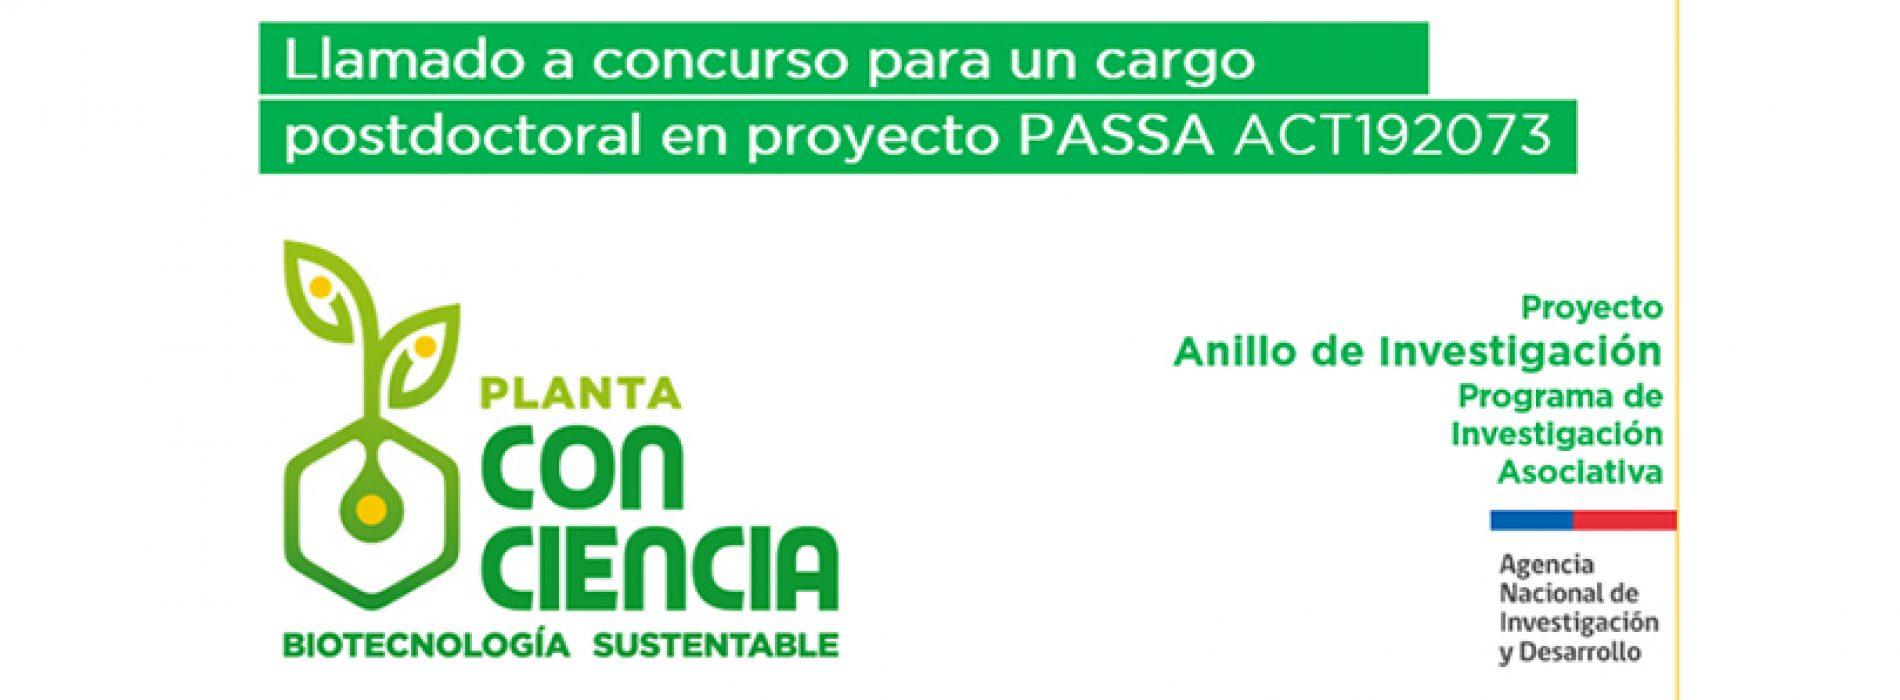 Llamado Concurso Postdoctoral Proyecto Anillo ACT192073